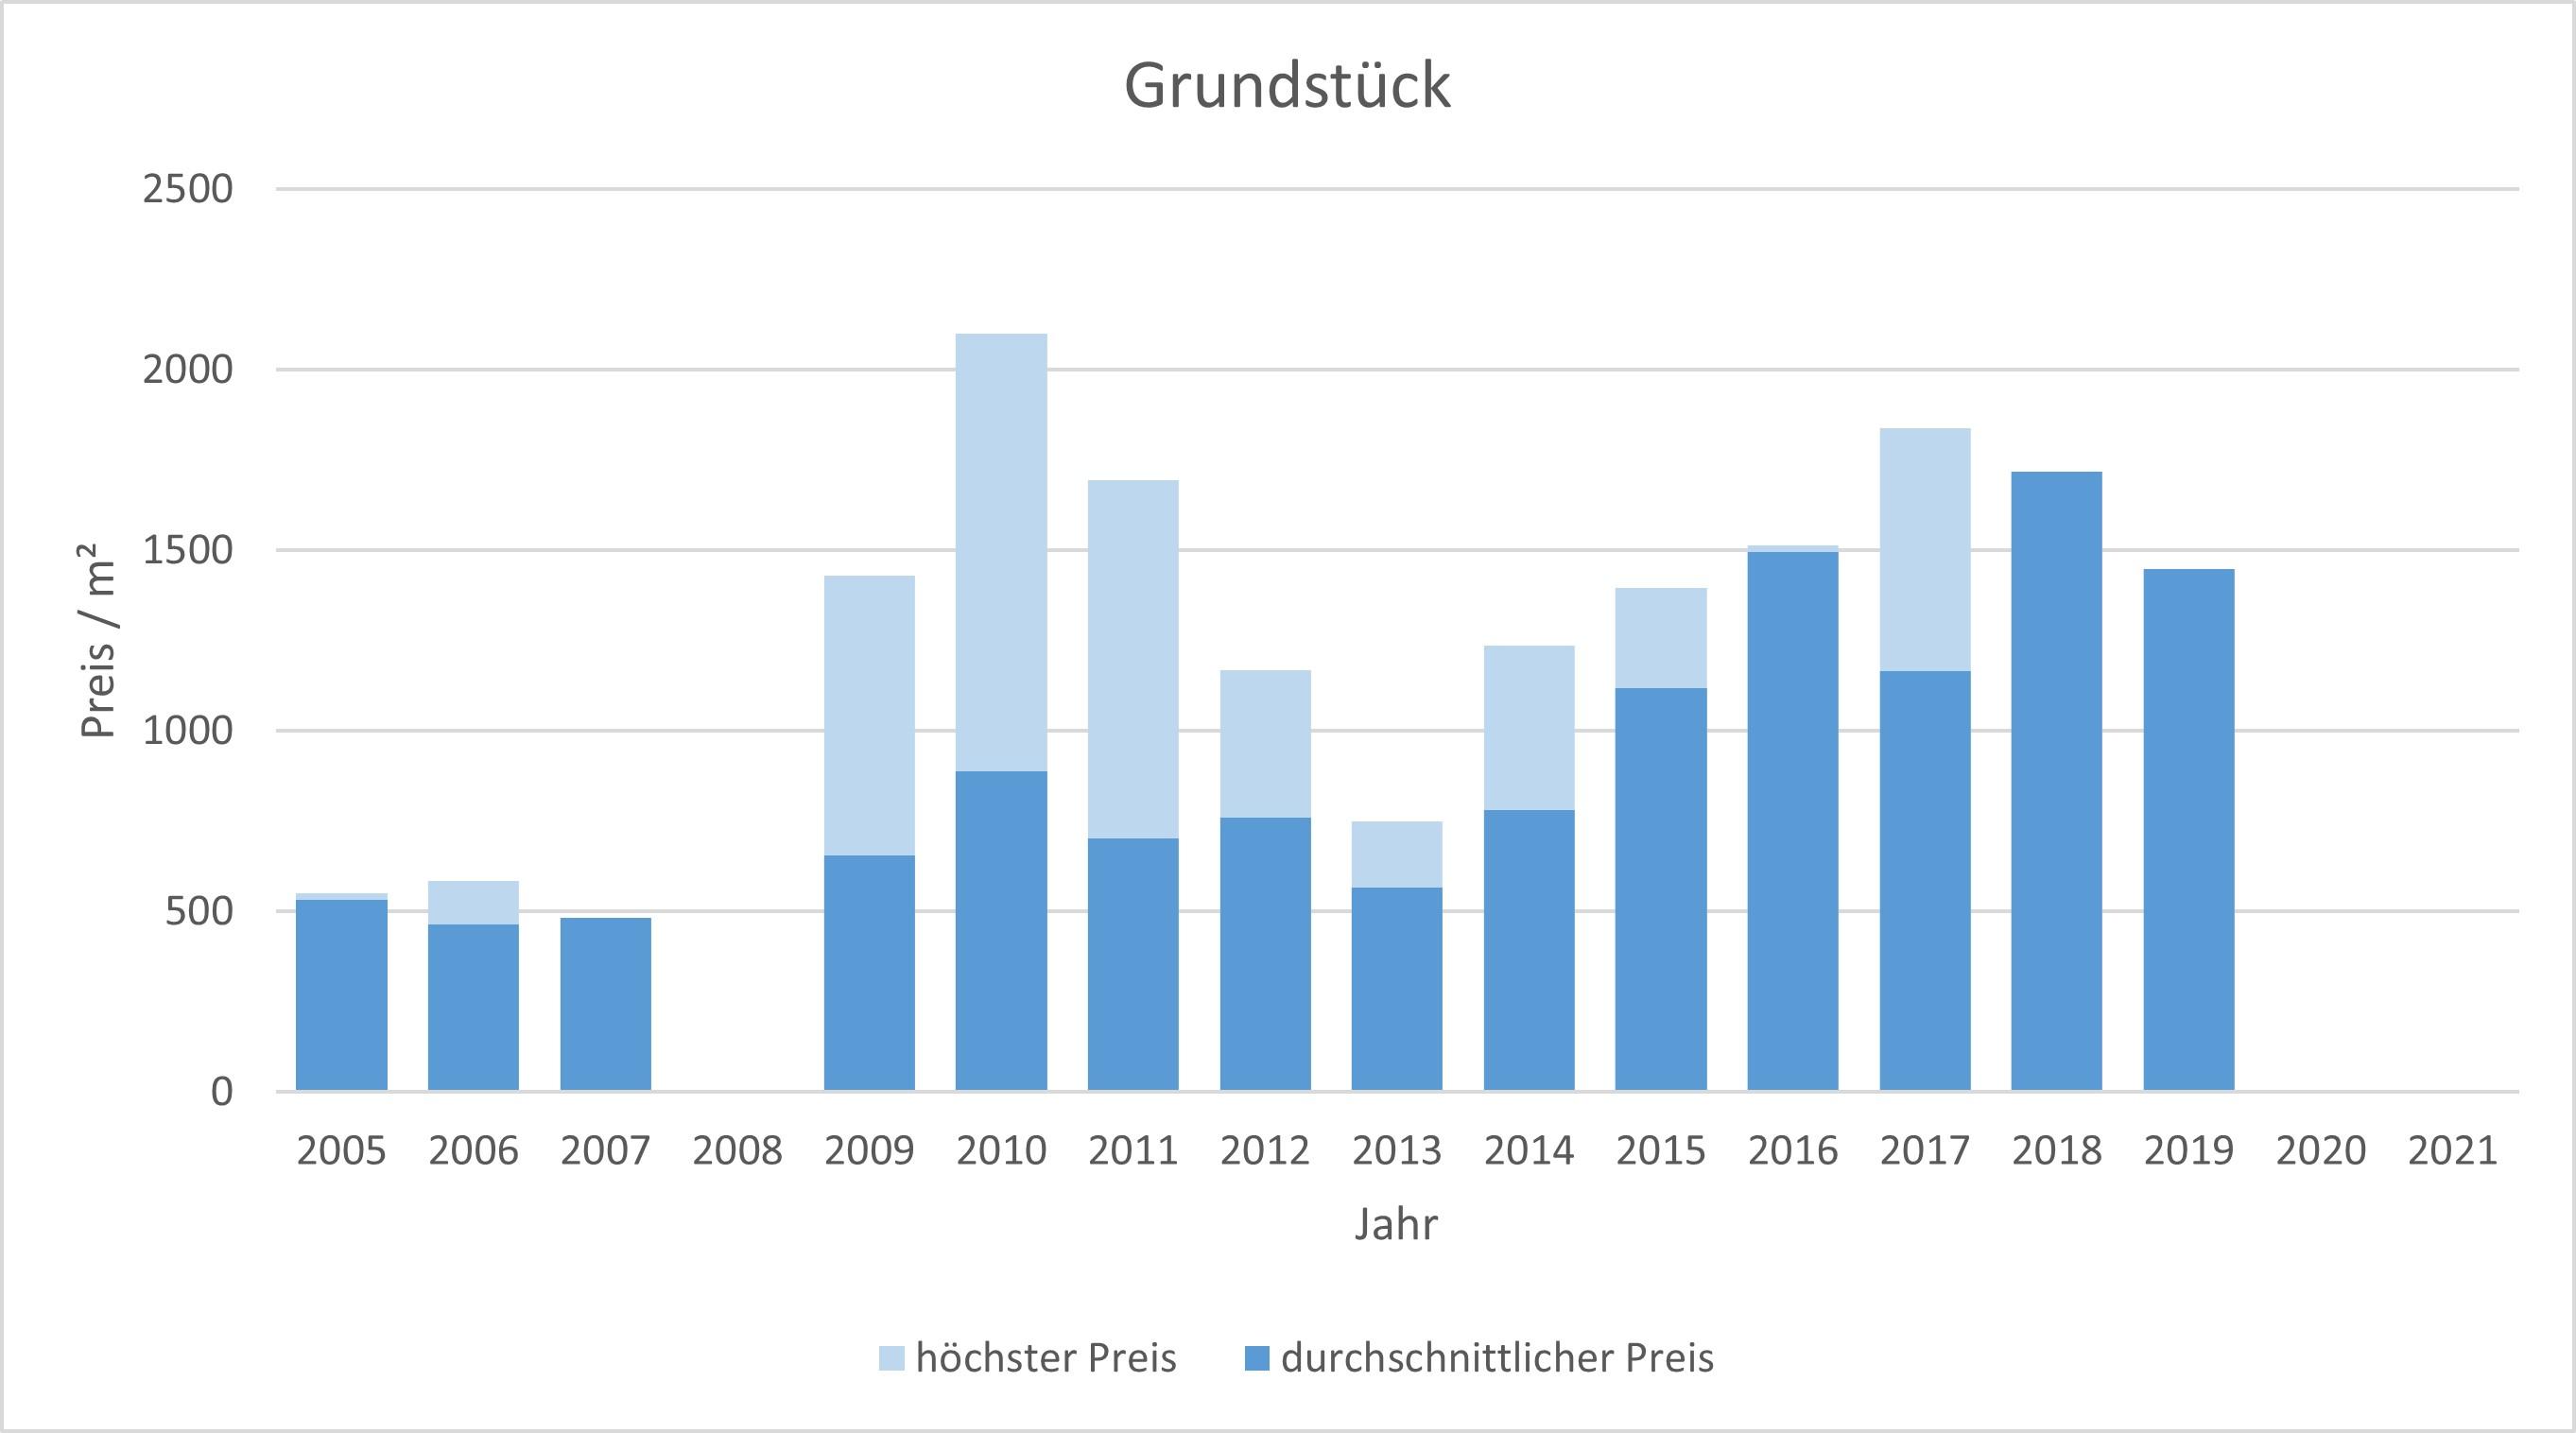 Putzbrunn Grundstück kaufen verkaufen Preis Bewertung Makler www.happy-immo.de 2019 2020 2021